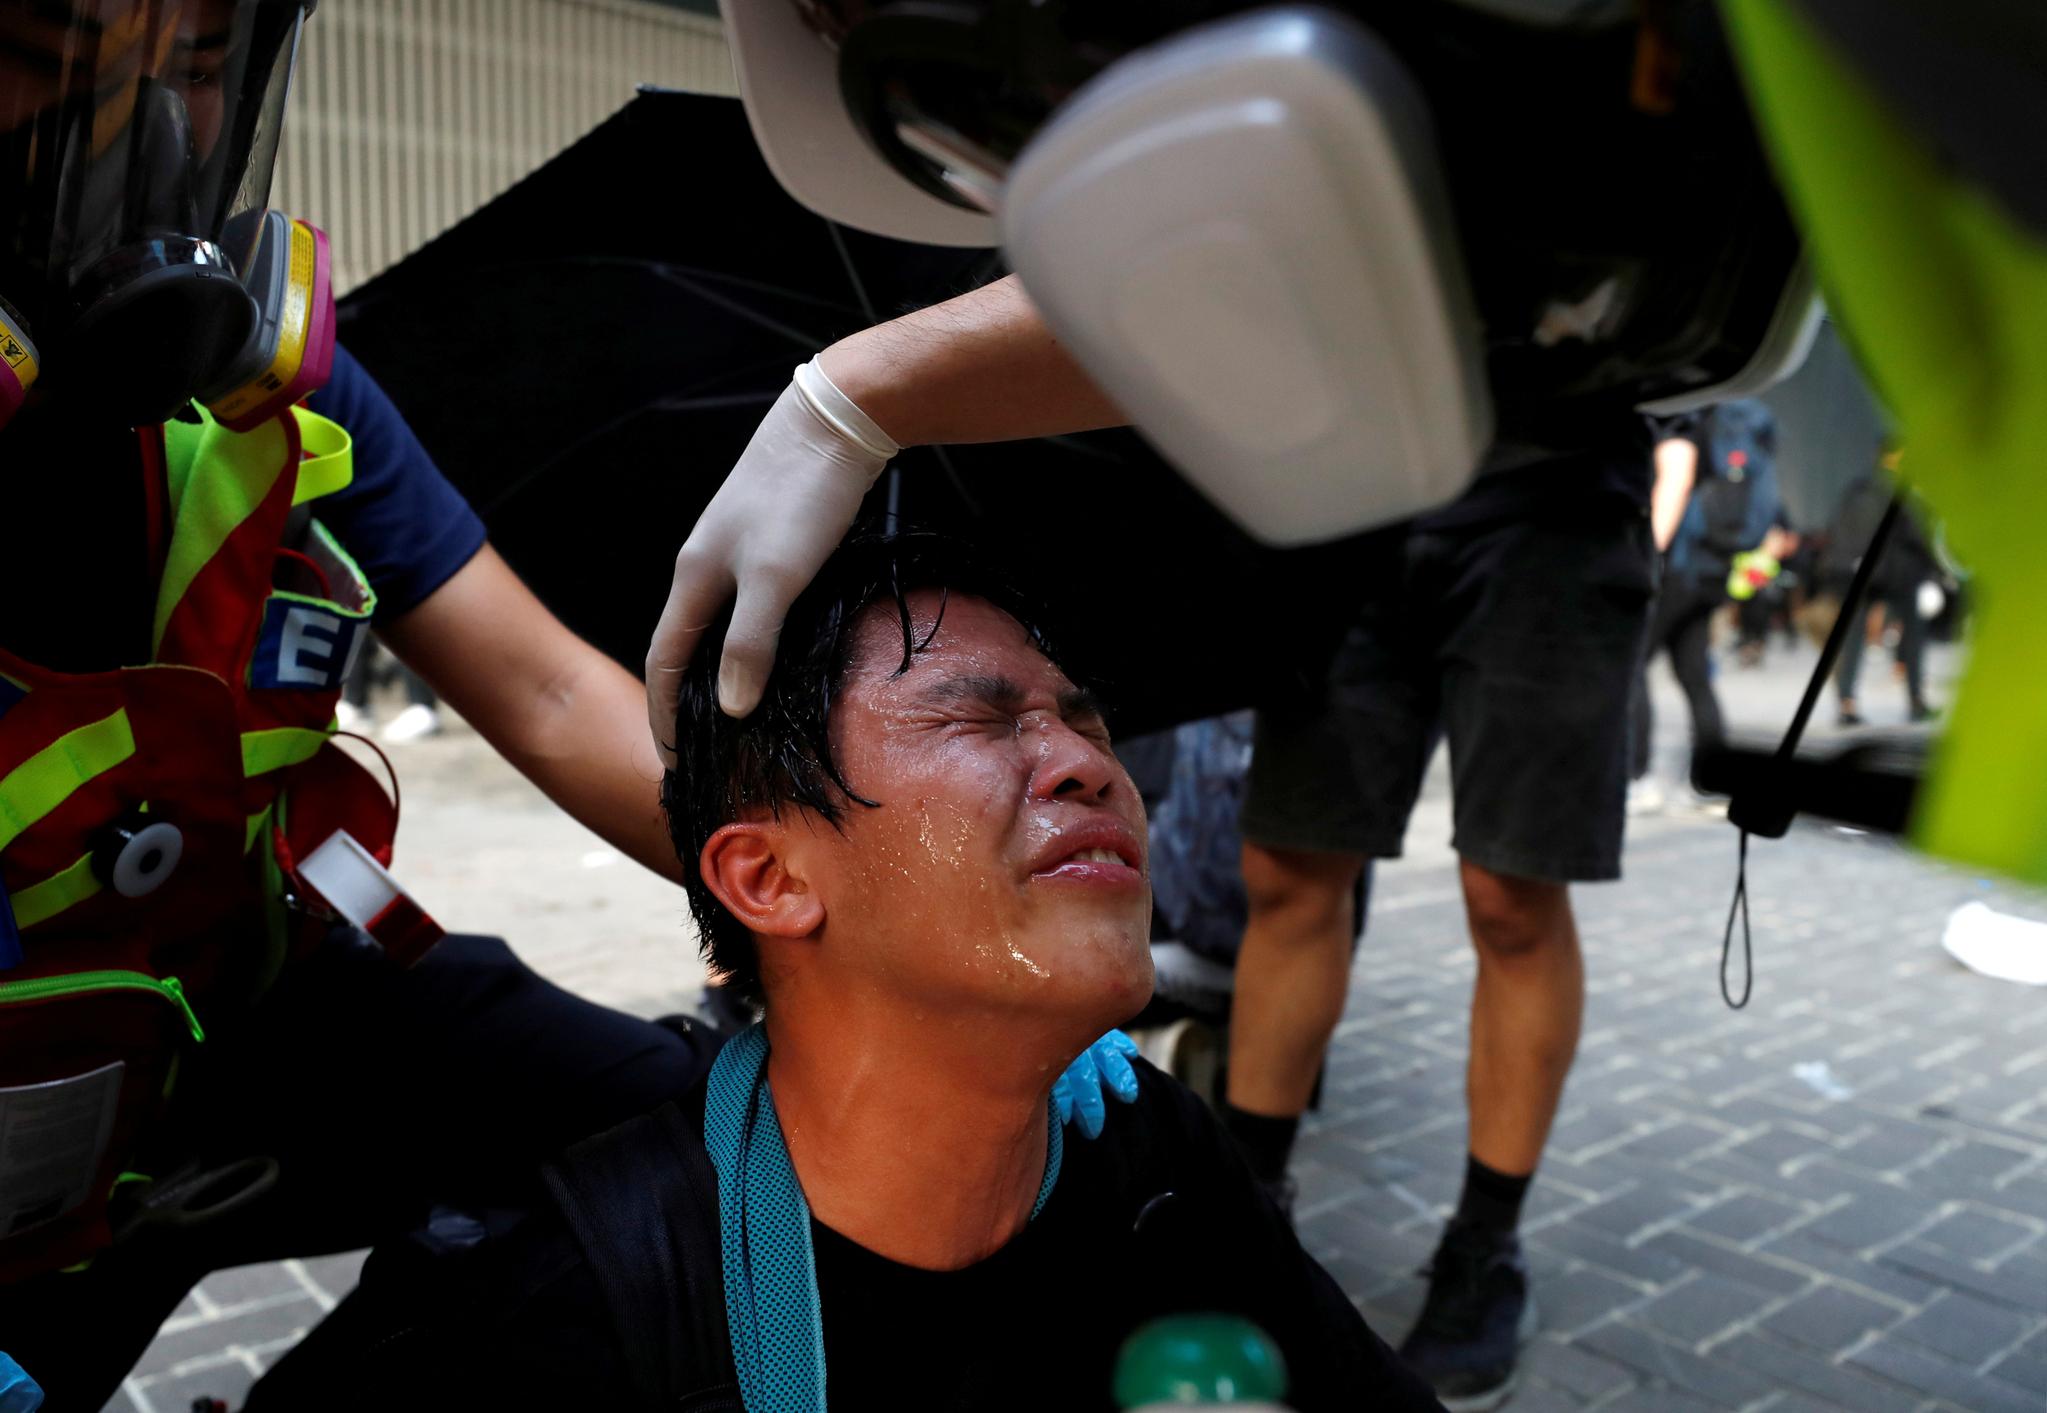 시위대와 경찰간의 격렬한 충돌이 발생한 15일(현지시간) 홍콩 정부중앙청사 인근에서 한 시위대가 경찰이 발사한 최루탄 연기에 눈물을 흘리고 있다. [로이터=연합뉴스]